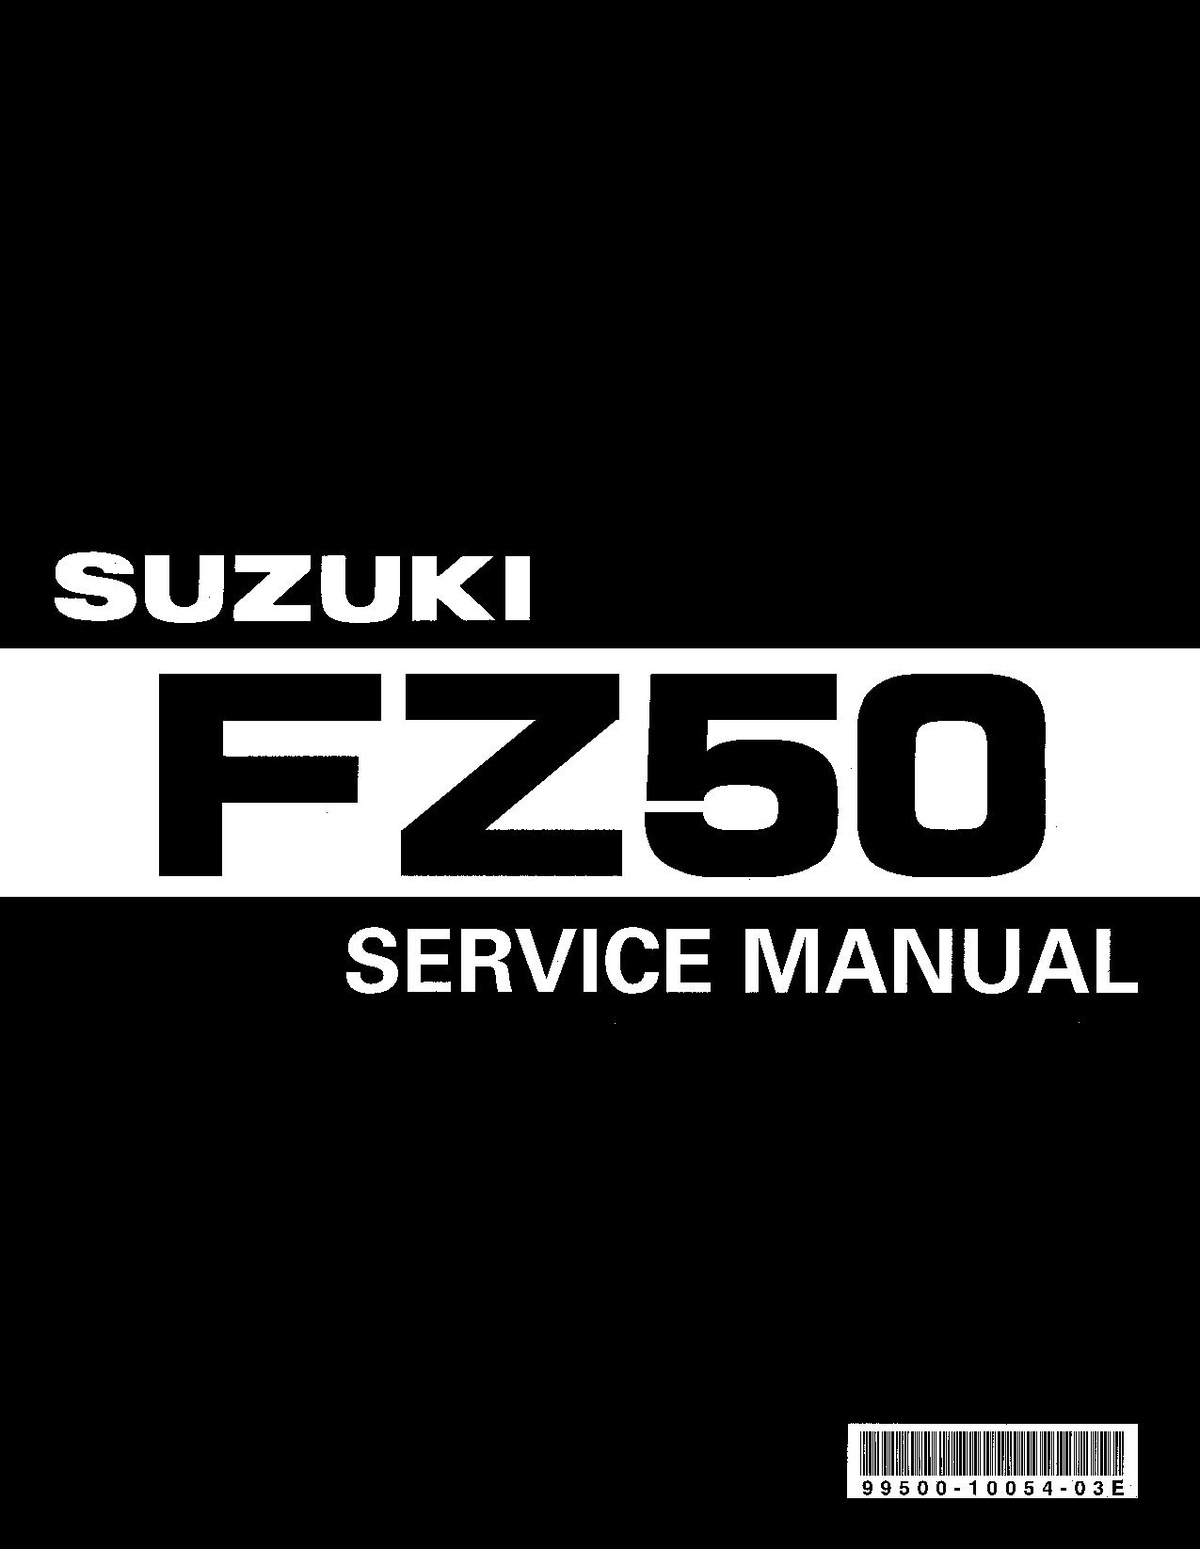 File:Suzuki fz50 servicemanual 4.pdf | Moped Wiki — Moped Army